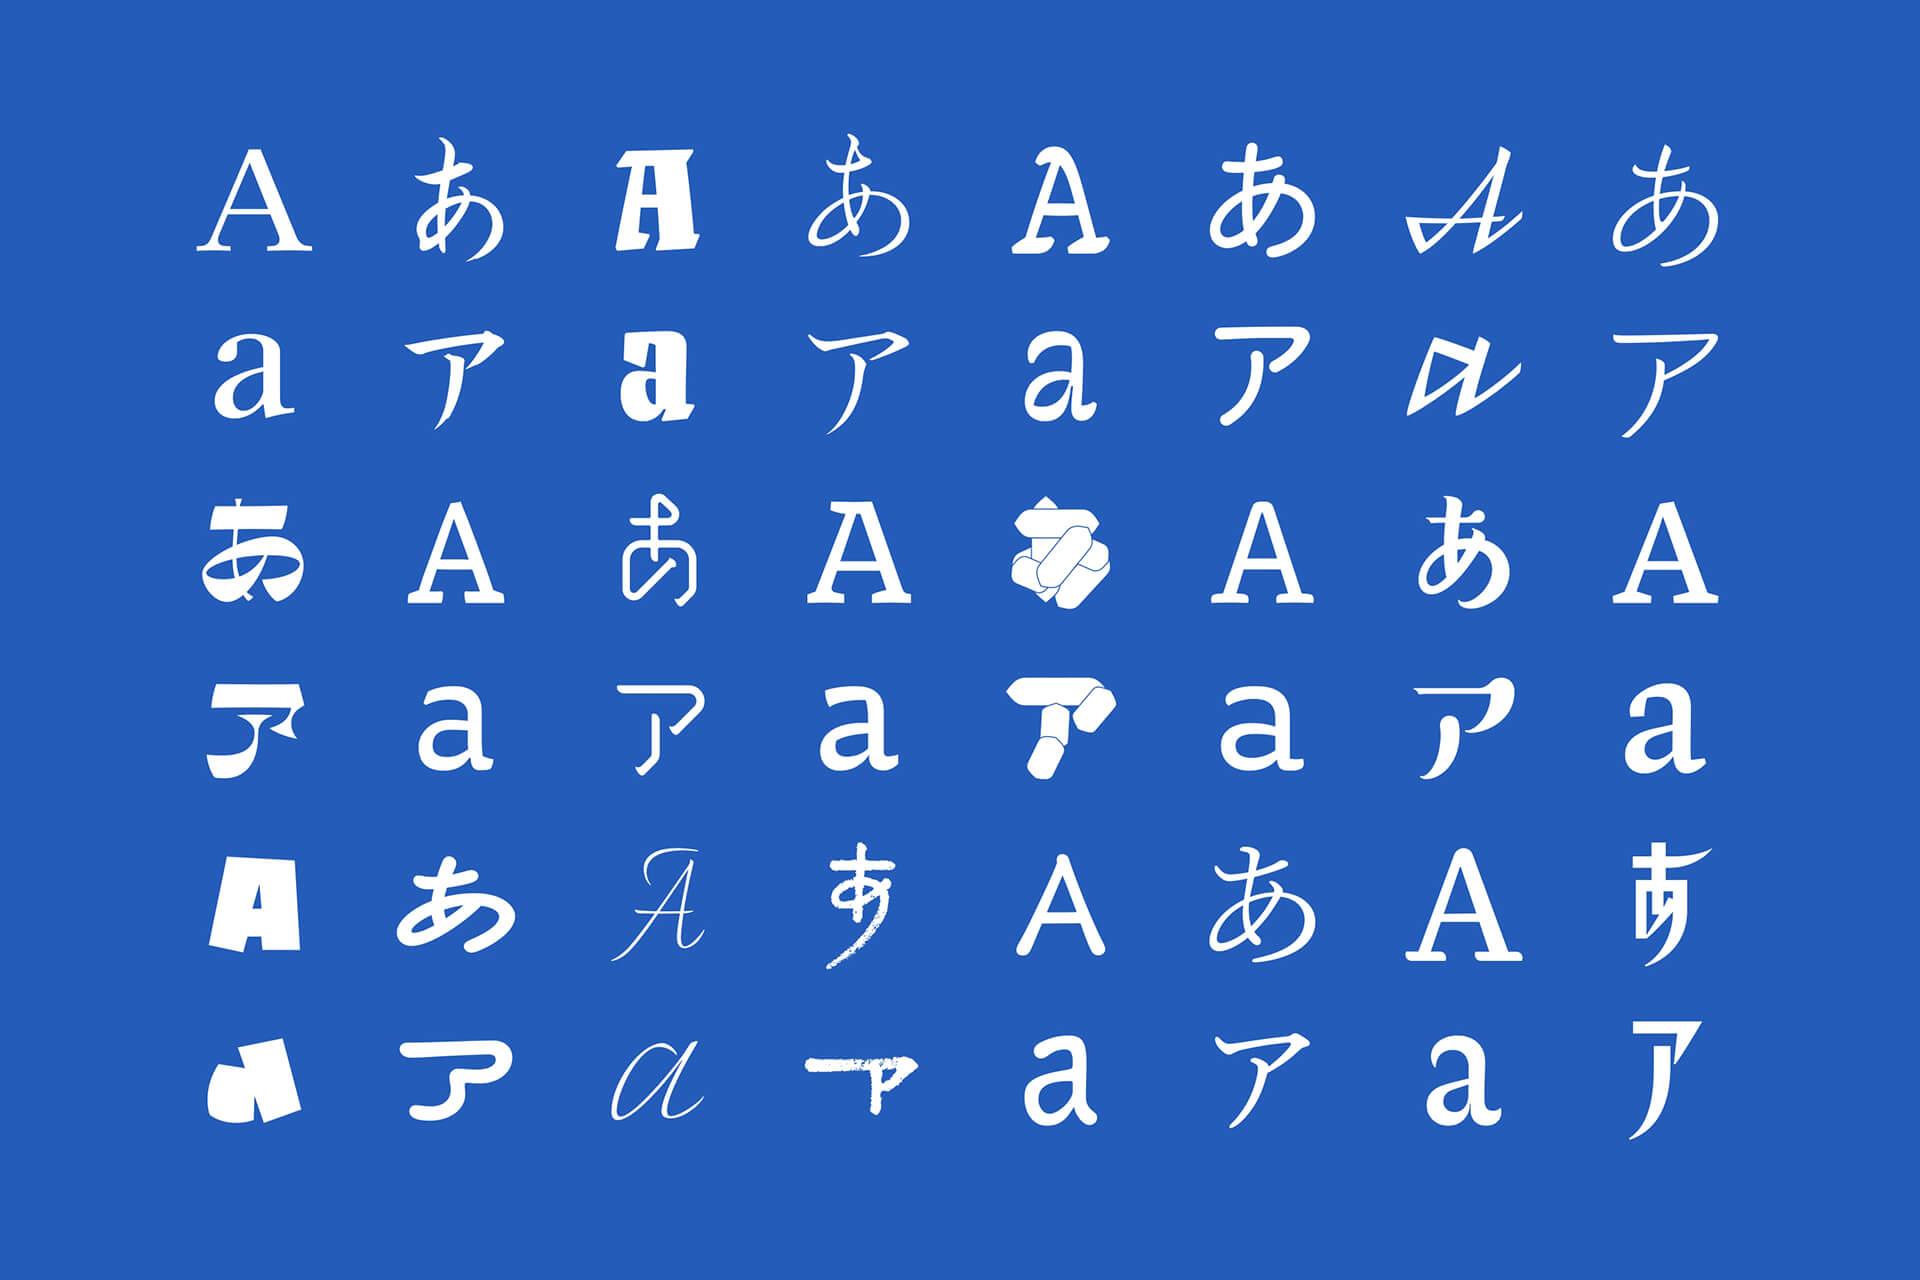 モリサワ × 銀座 蔦屋書店 Type Design Discoveryの書体一覧